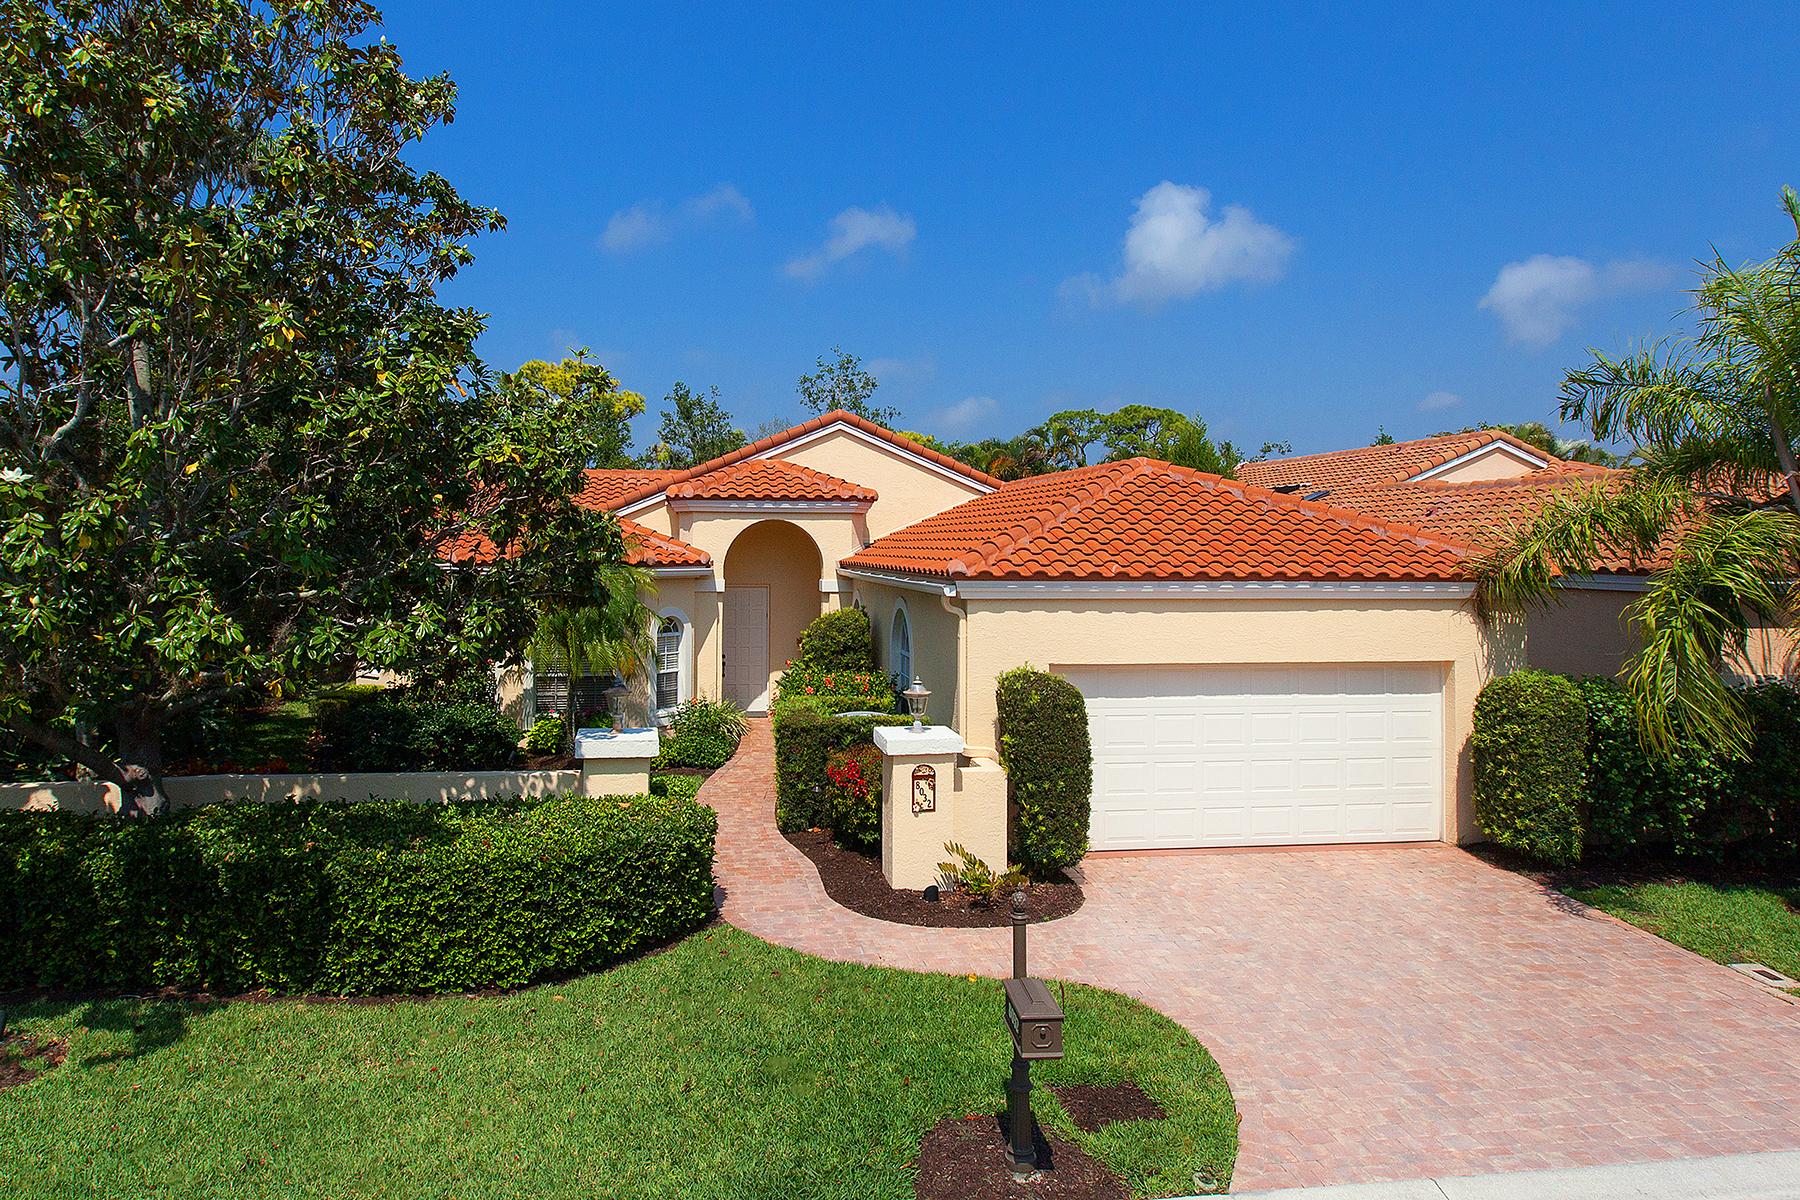 Condomínio para Venda às PRESTANCIA 8032 Via Fiore Sarasota, Florida, 34238 Estados Unidos